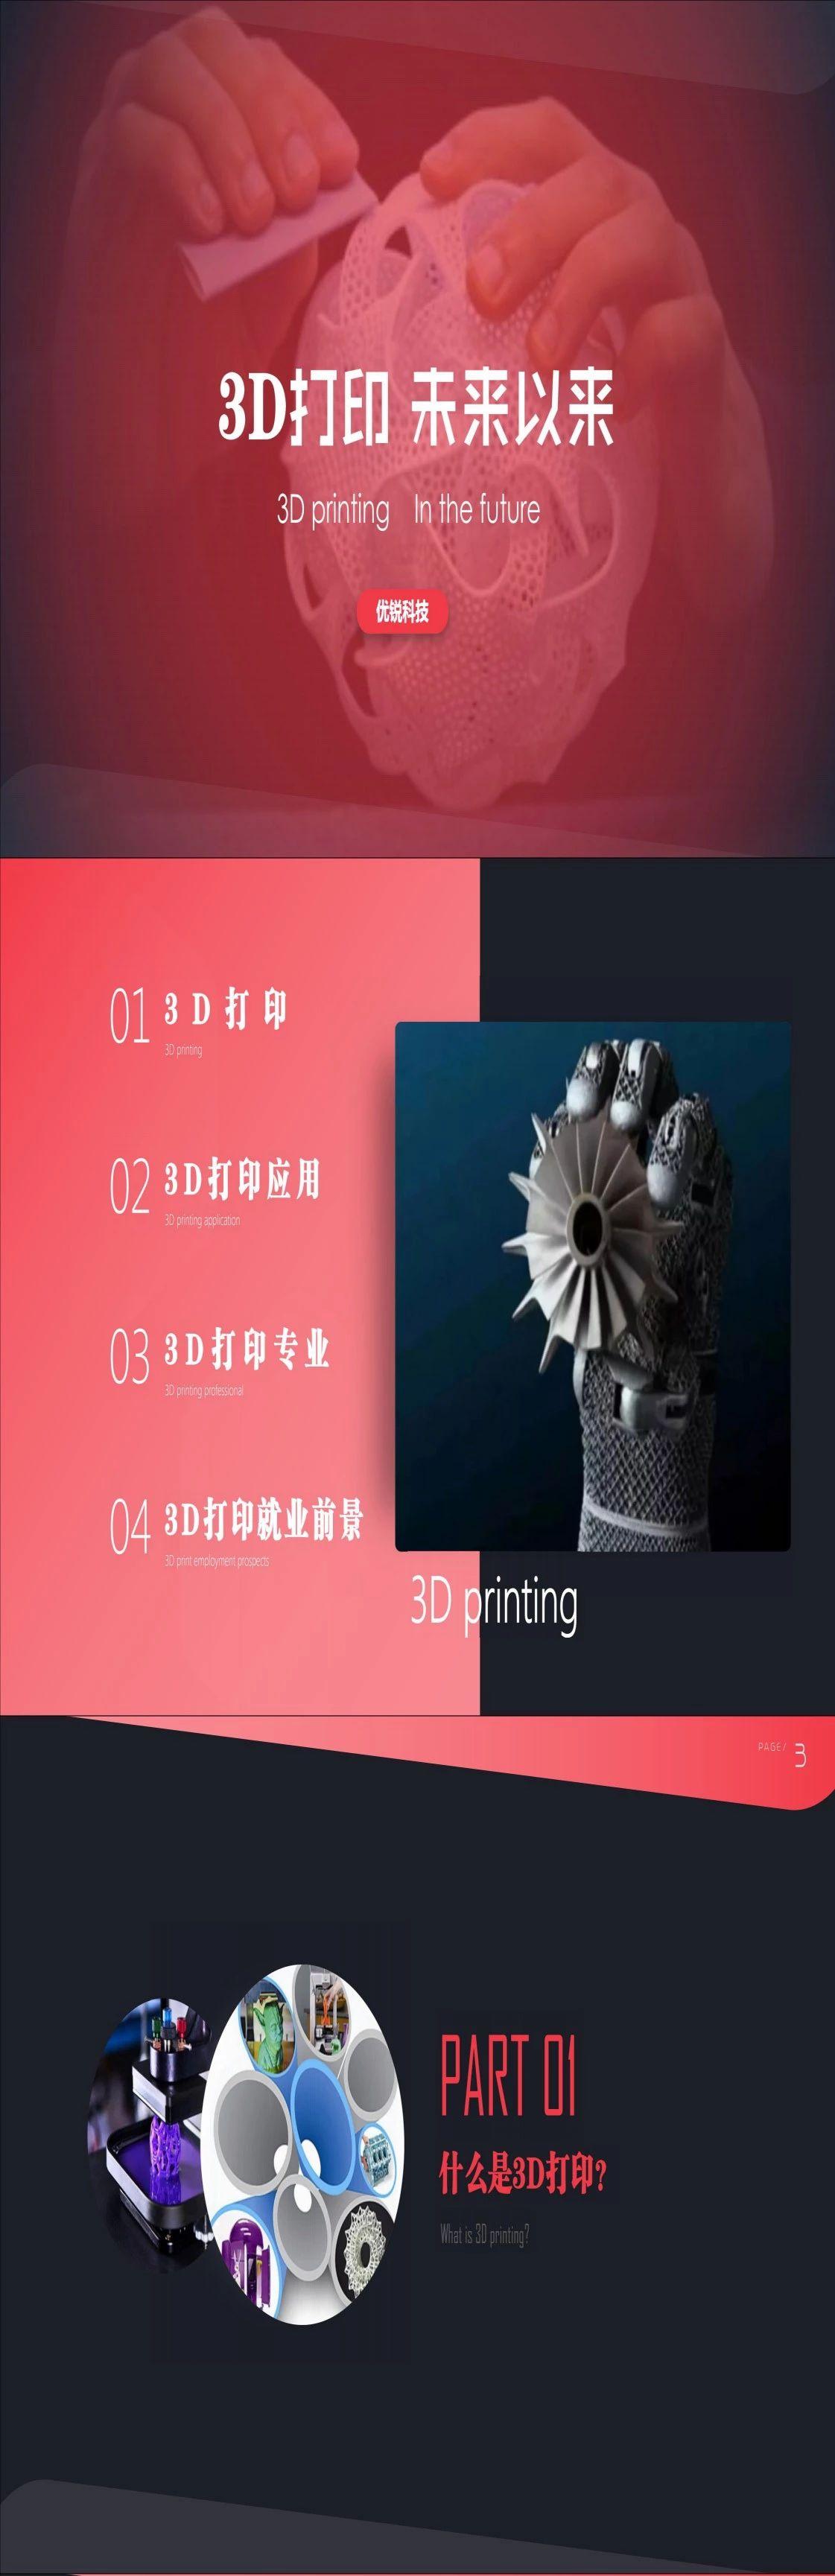 【火爆专业】3D打印招生ppt预览